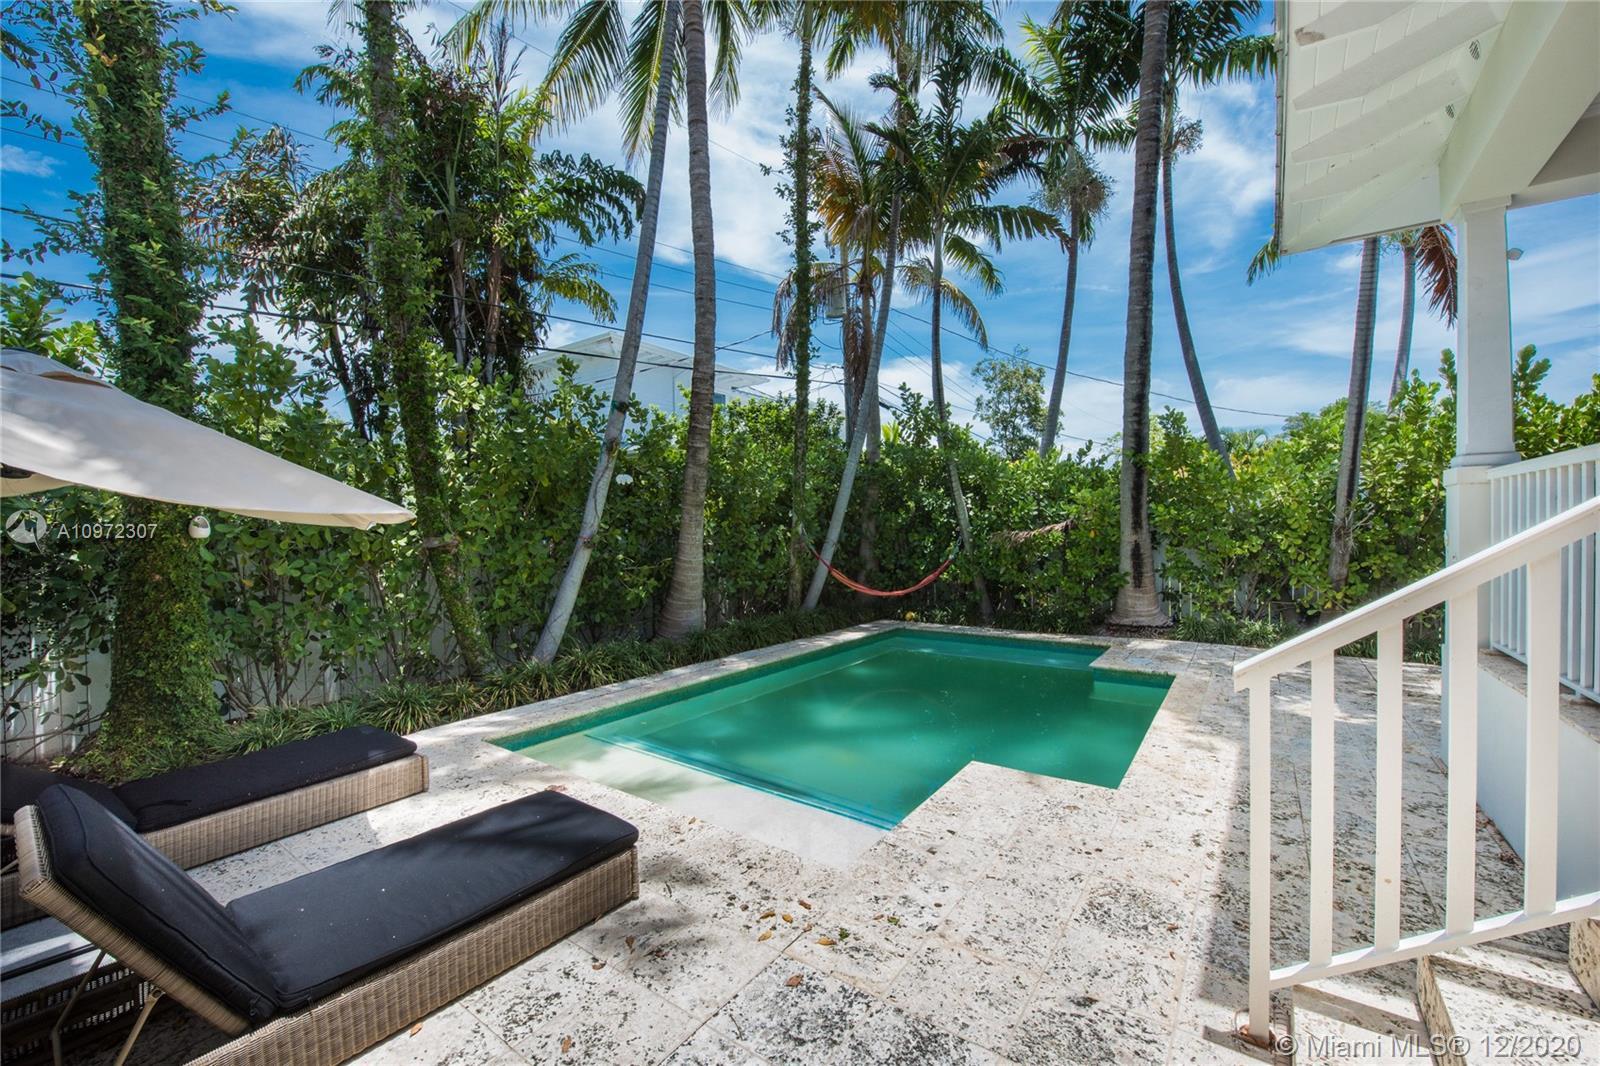 Tropical Isle Homes # photo03